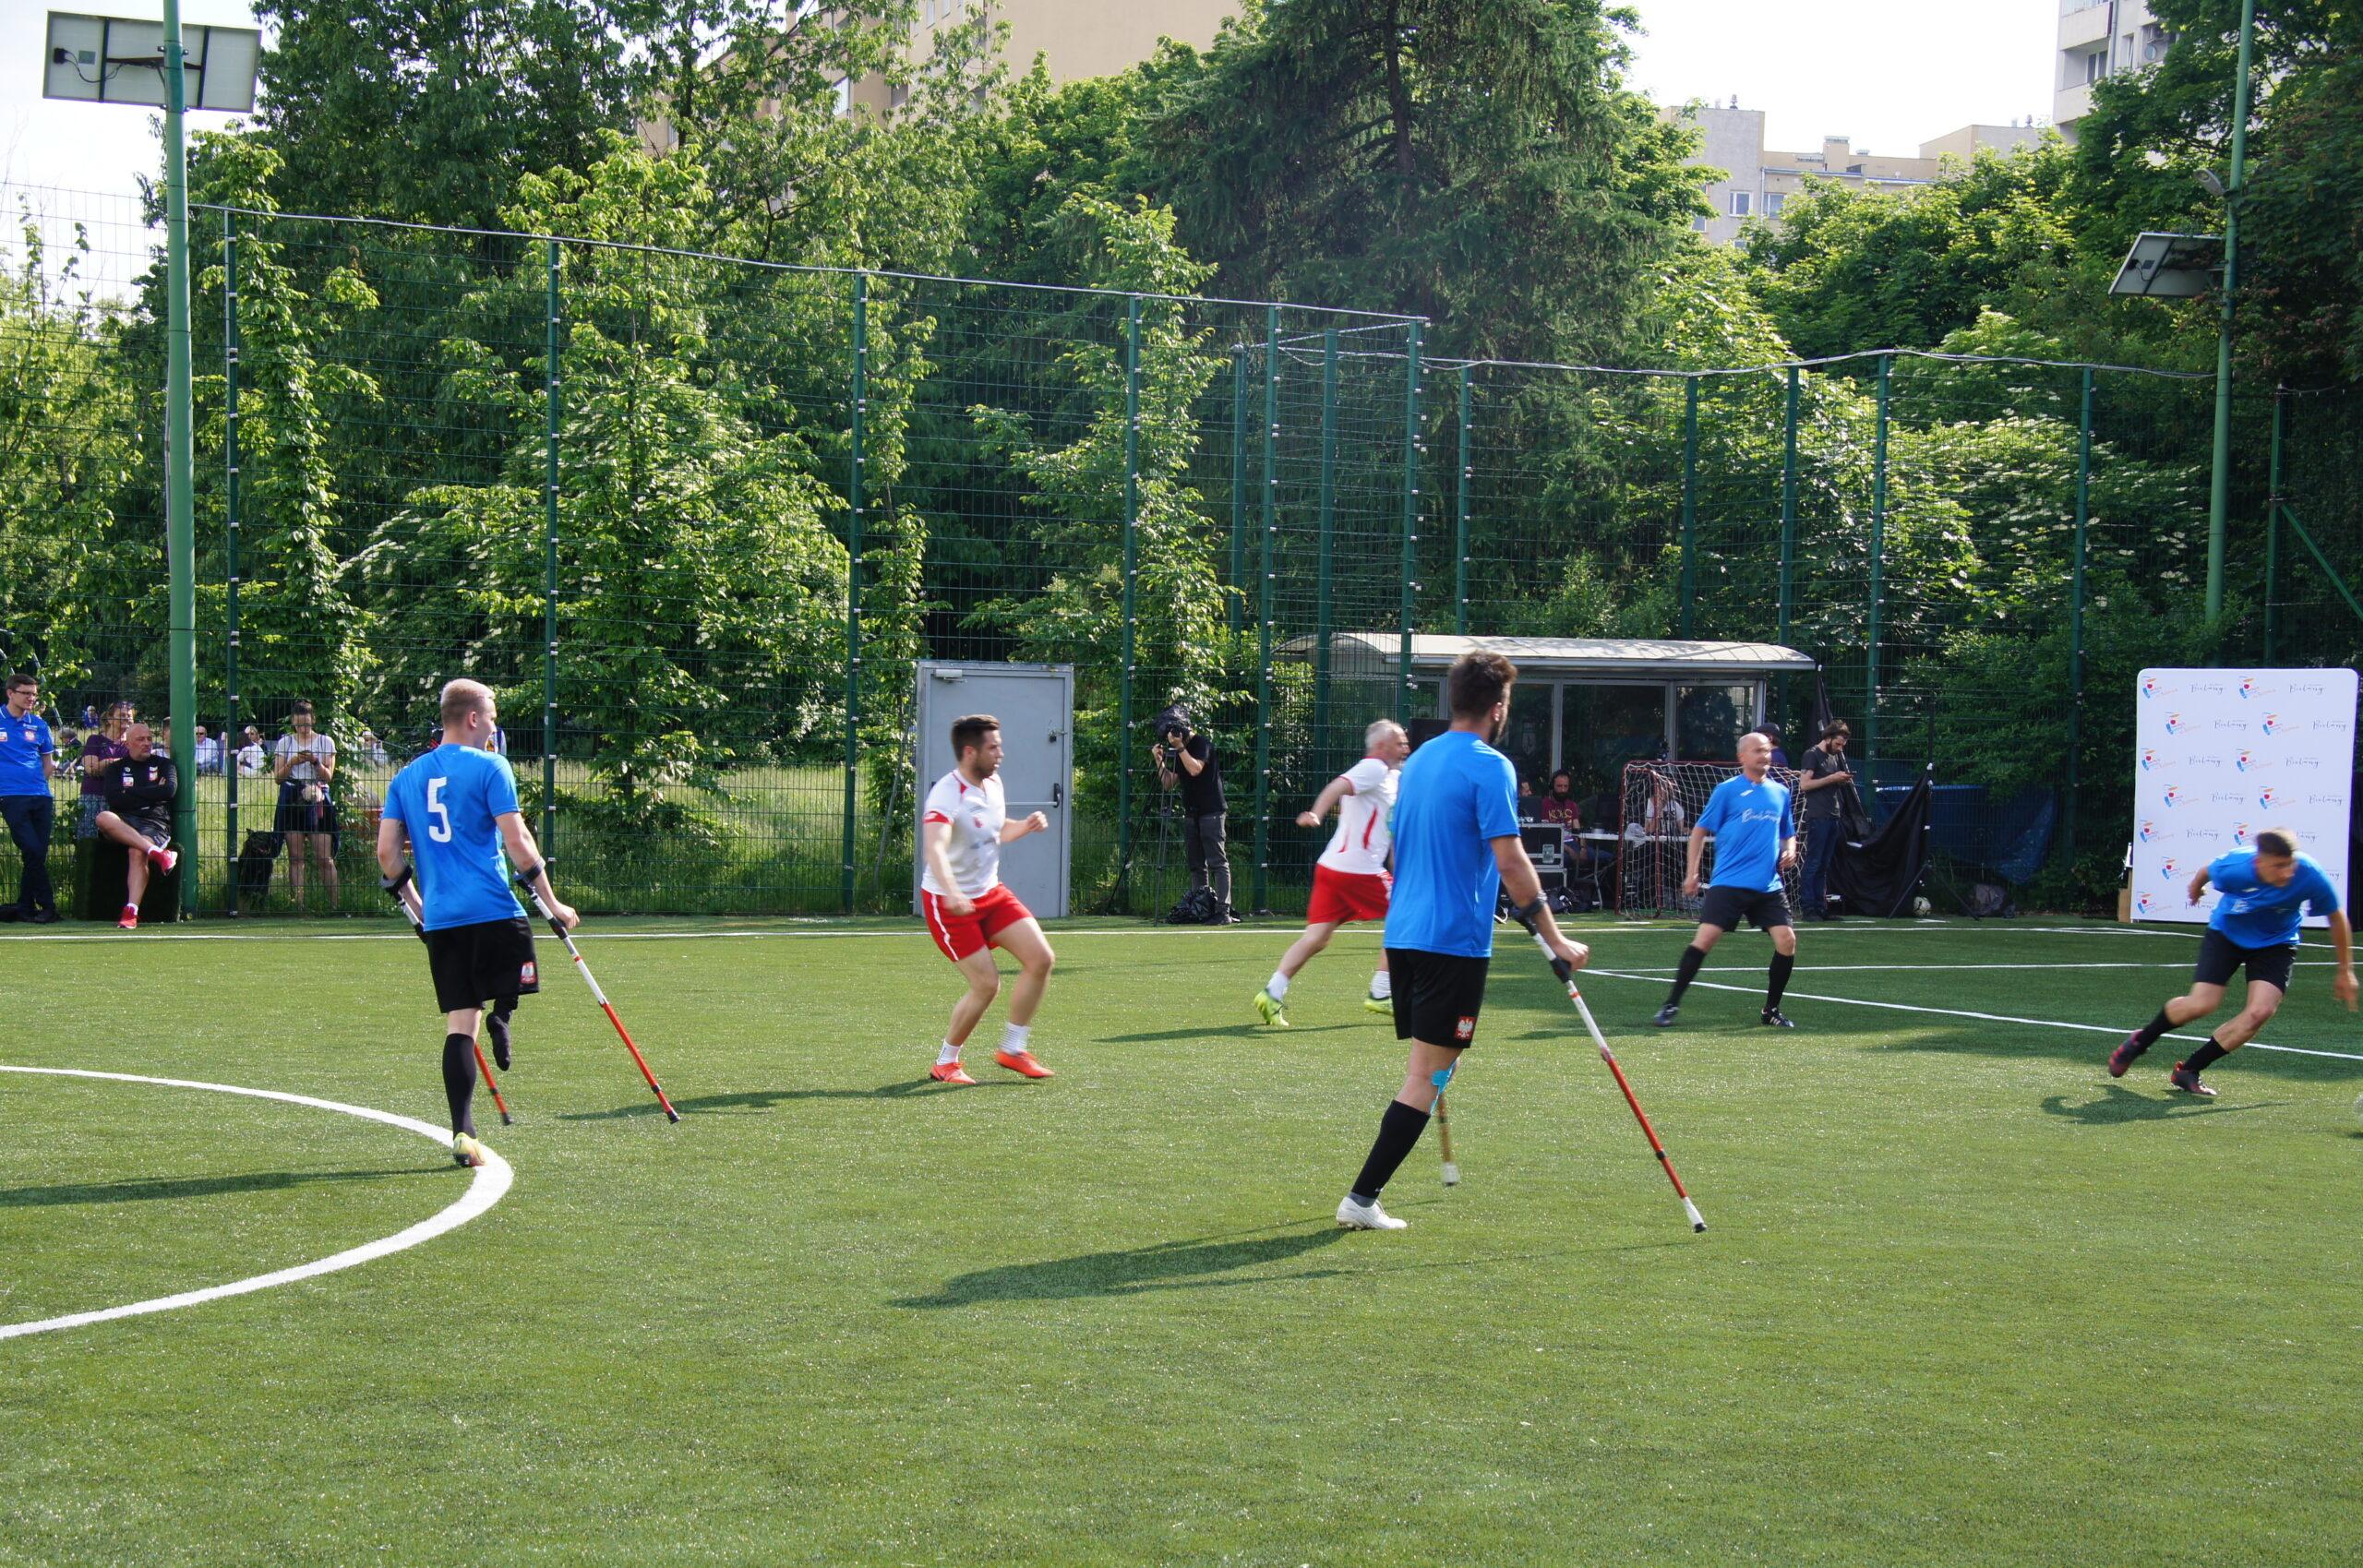 Na zielonej murawie boiska mężczyźni grają w piłkę nożną. Dwóch z nich to zawodnicy niepełnosprawni, podpierający się na kulach. W tle zielone drzewa oraz osoby obserwujące zawodników.